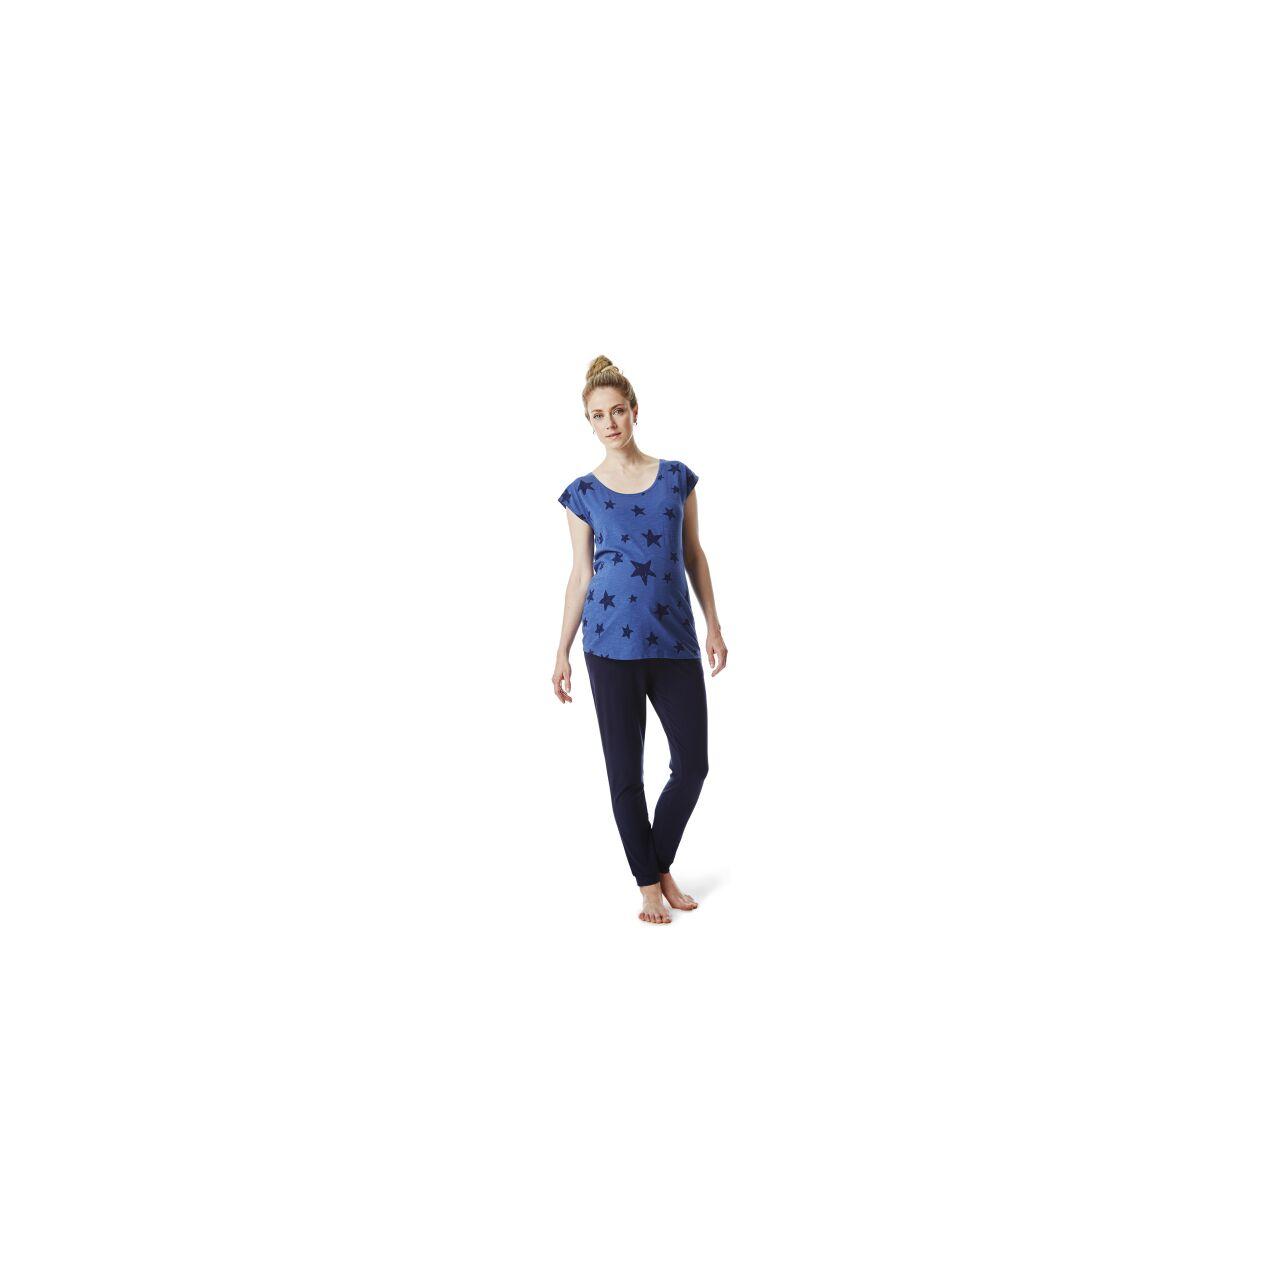 esprit maternity t shirt lang azure blue m 29 99. Black Bedroom Furniture Sets. Home Design Ideas